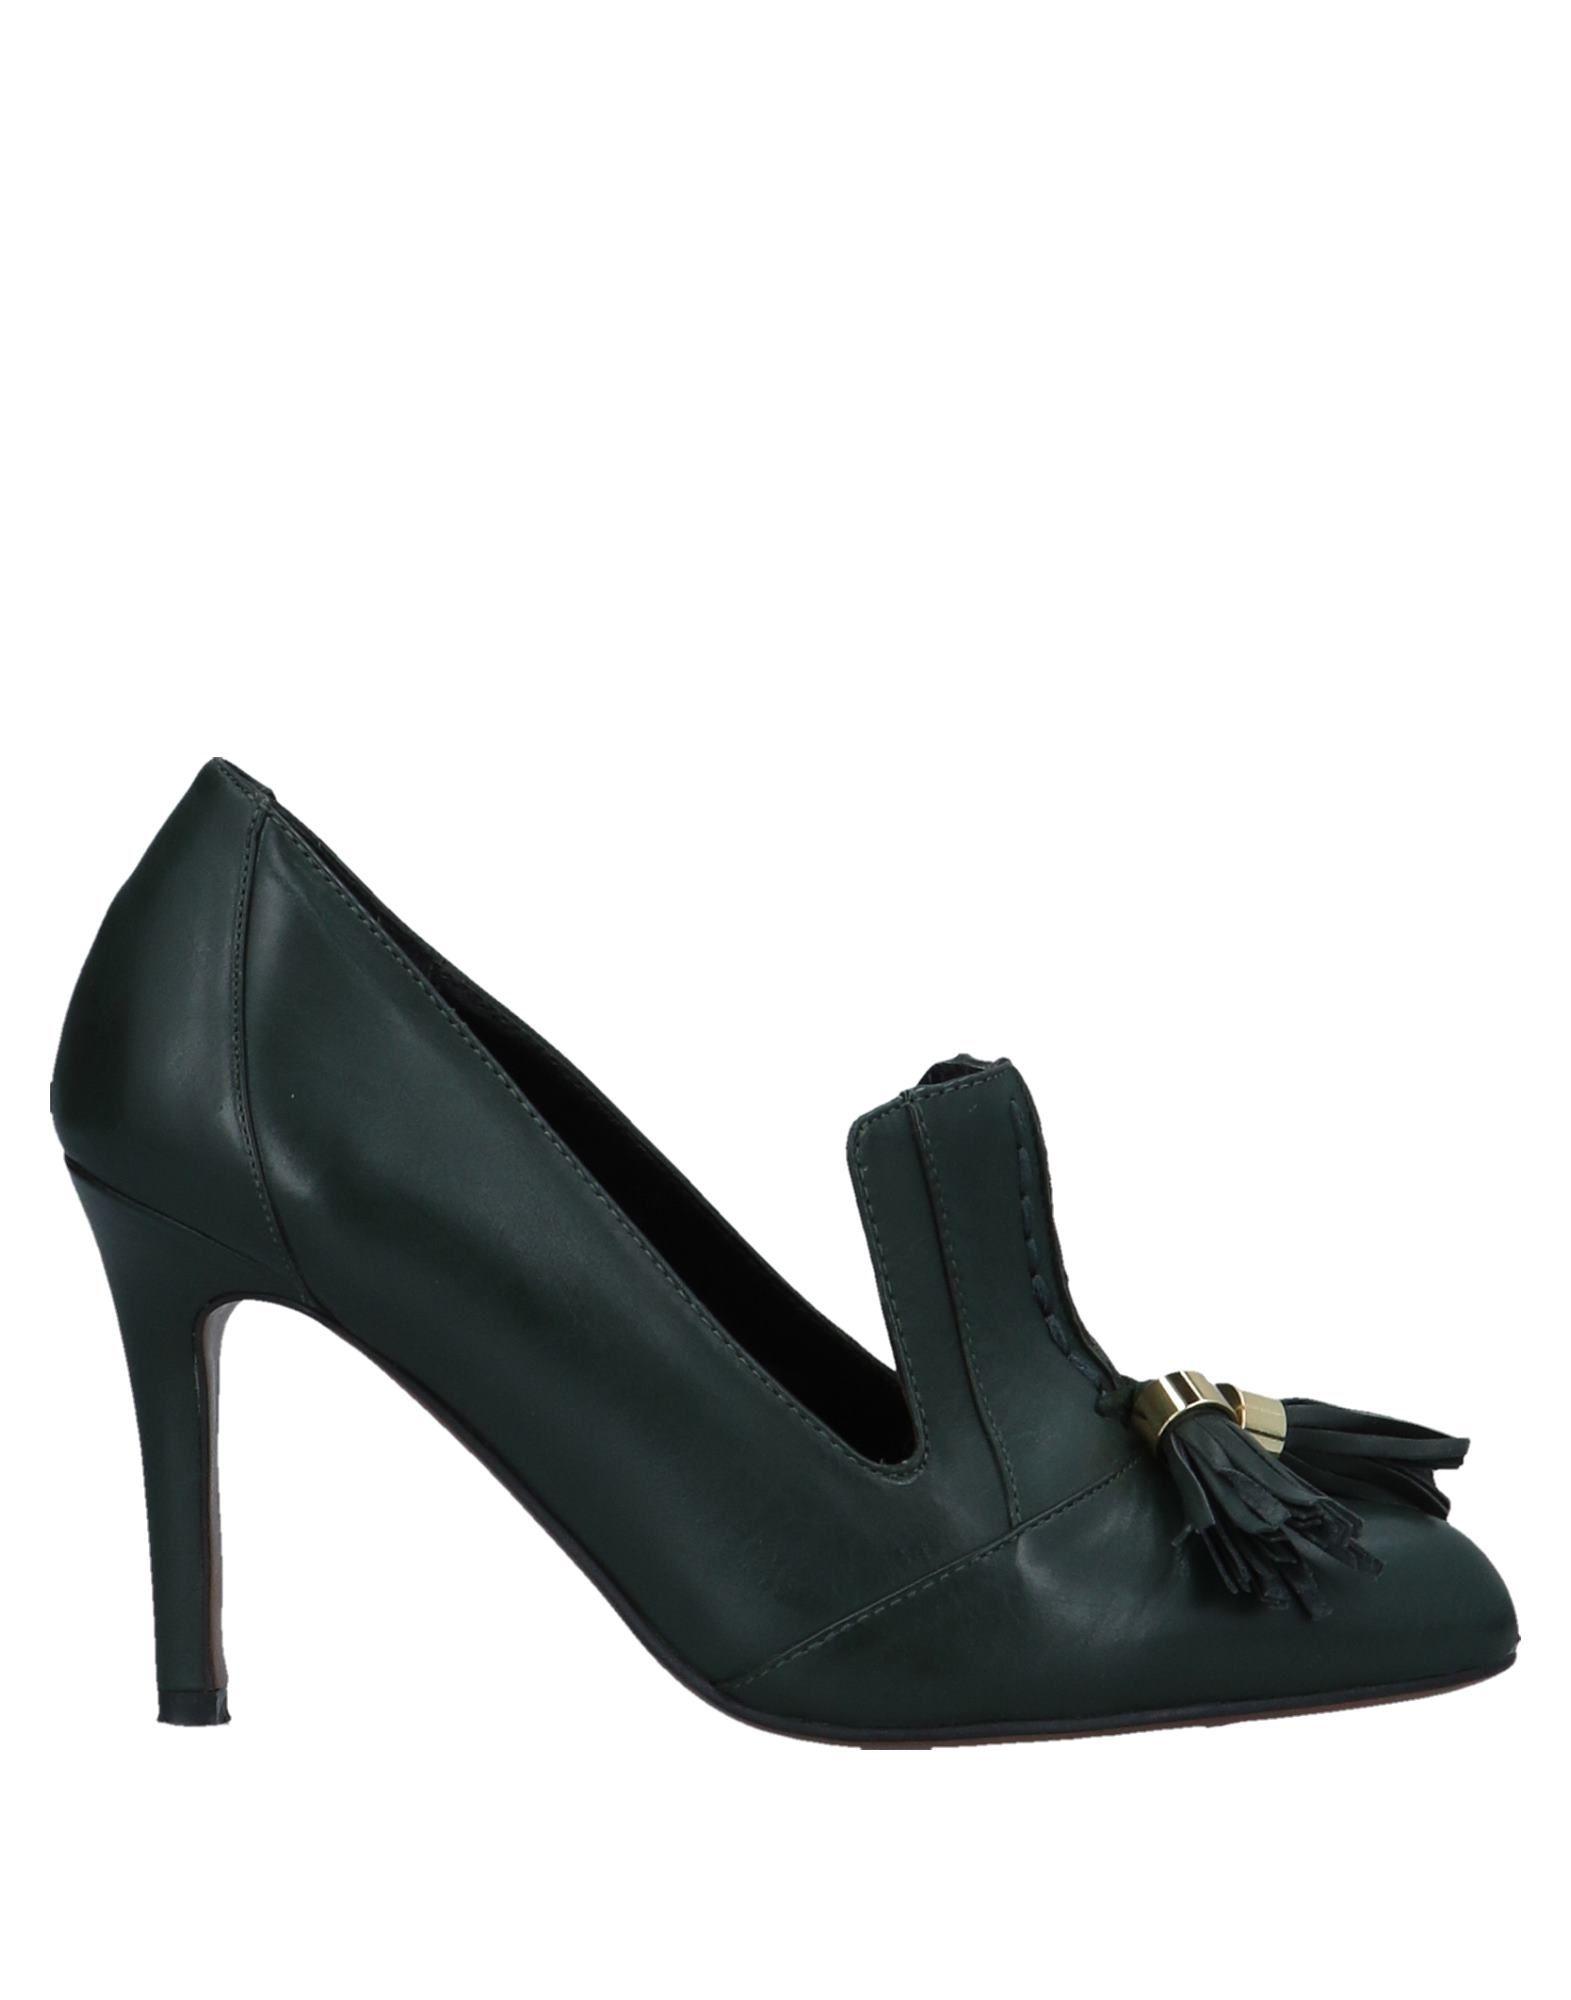 Zapatos de mujer baratos zapatos de mujer Mocasín Mocasines Lola Cruz Mujer - Mocasines Mocasín Lola Cruz  Verde oscuro 61d22e